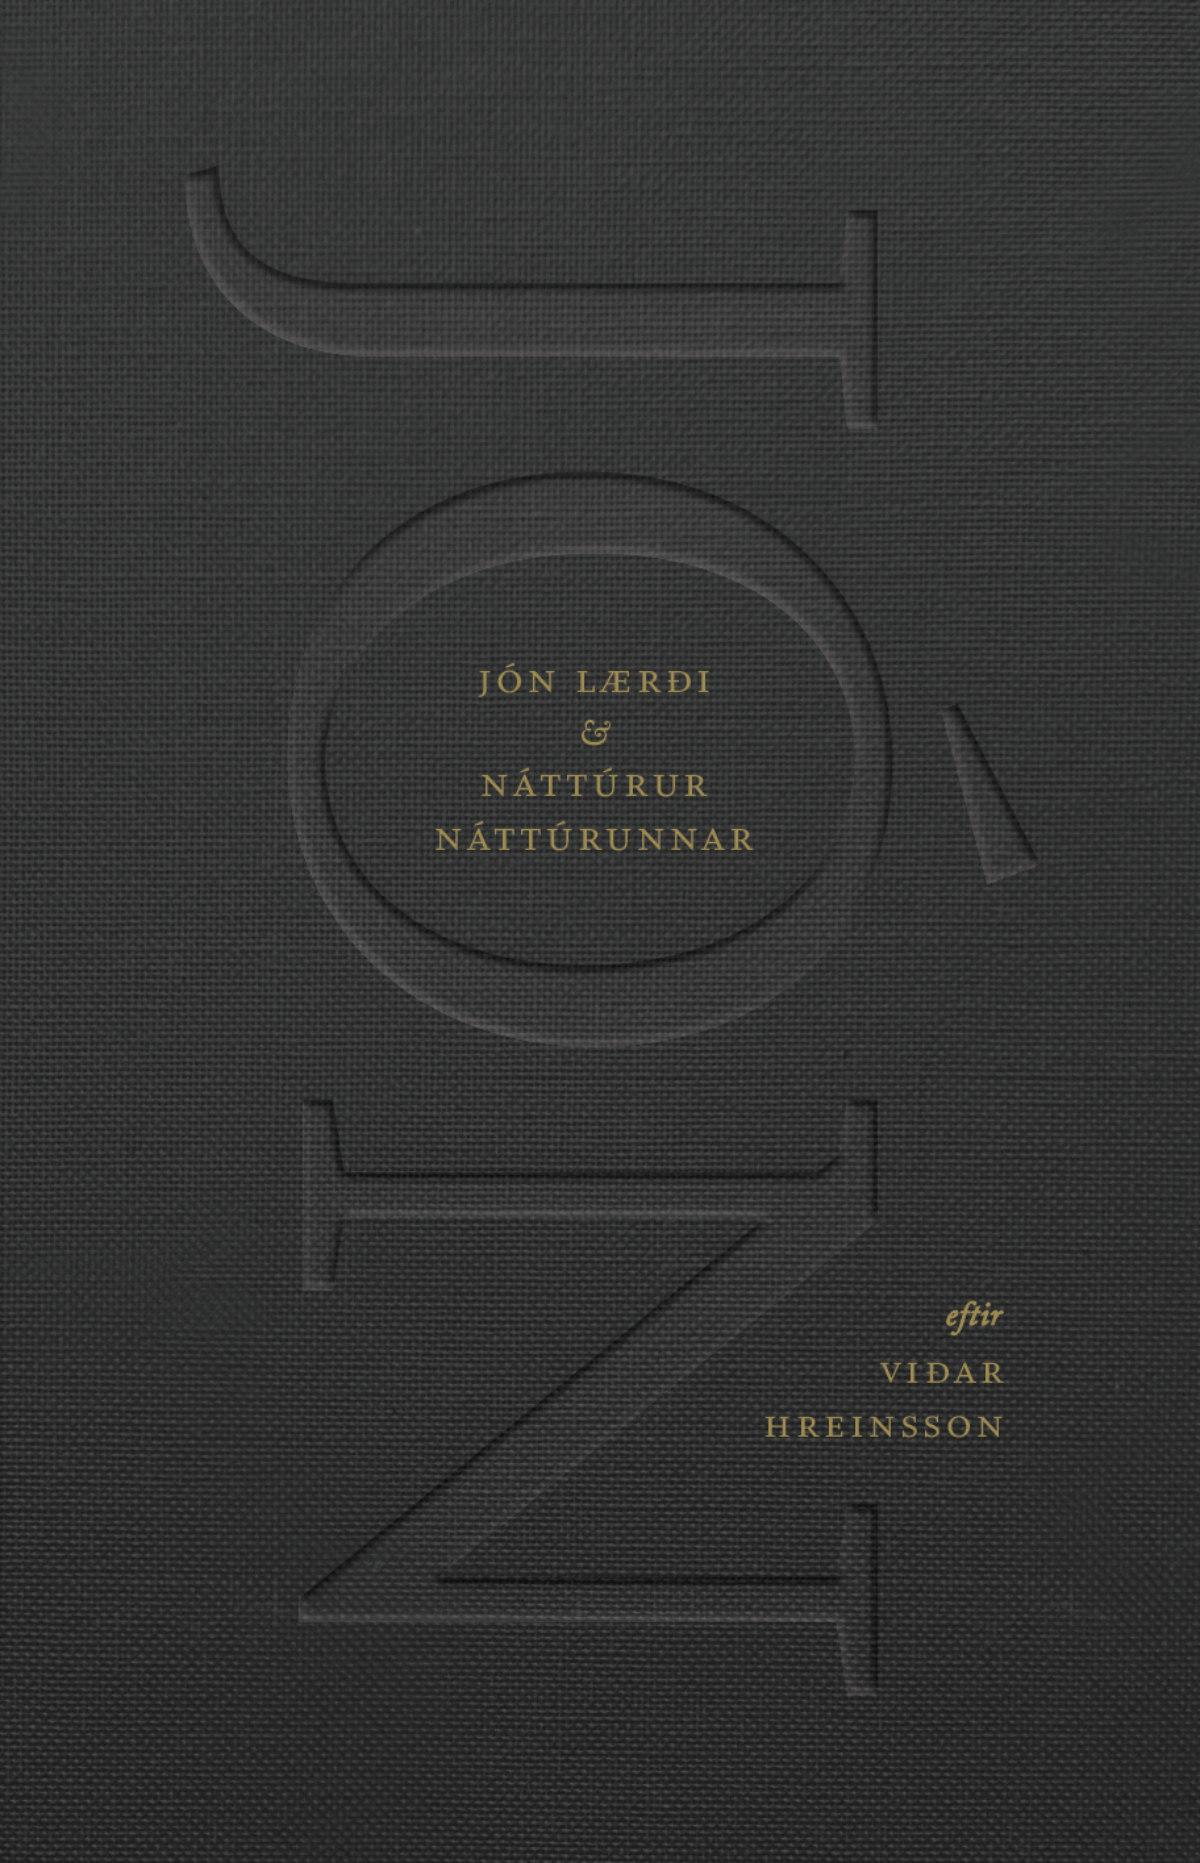 Jón lærði og náttúrur náttúrunnar efitir Viðar Hreinsson